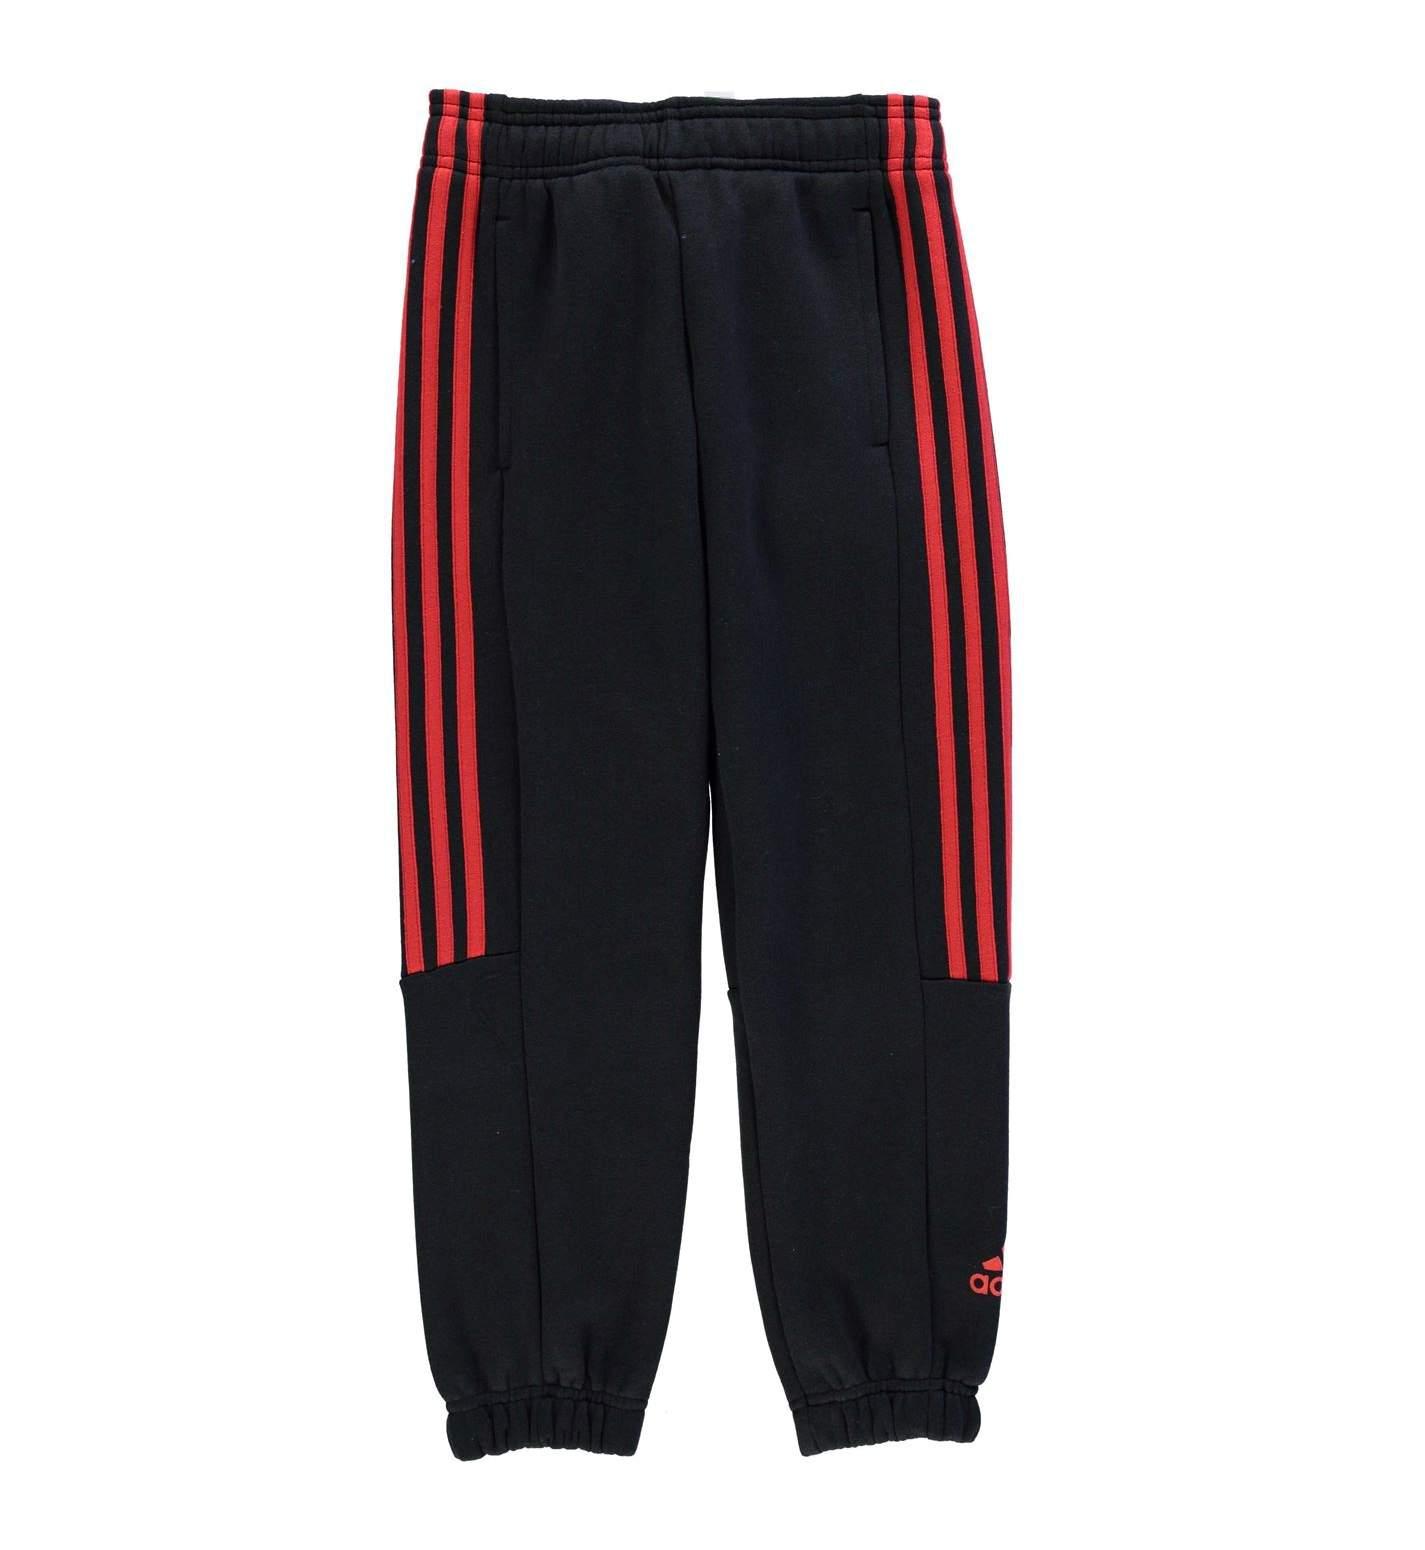 Détails sur Adidas Garçons Noir Rouge Logo 3 S Ch Sweat Pantalon Taille SB 7 8yrs afficher le titre d'origine